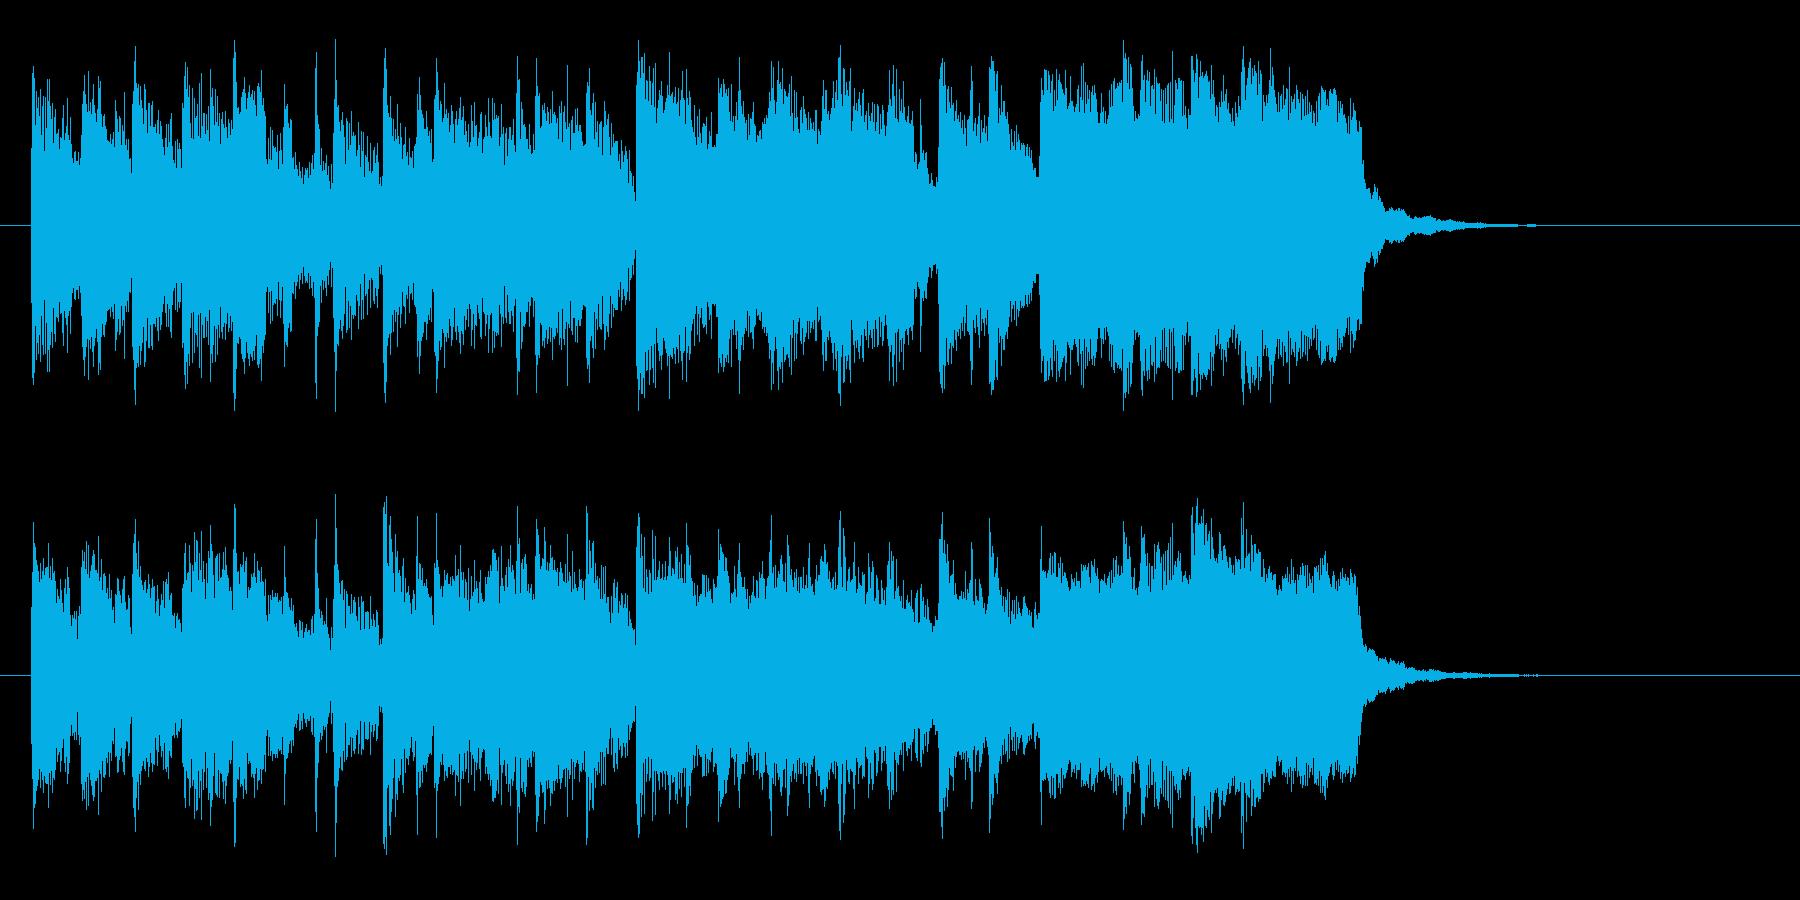 テンポよい明るい短めのシンセサイザーの曲の再生済みの波形